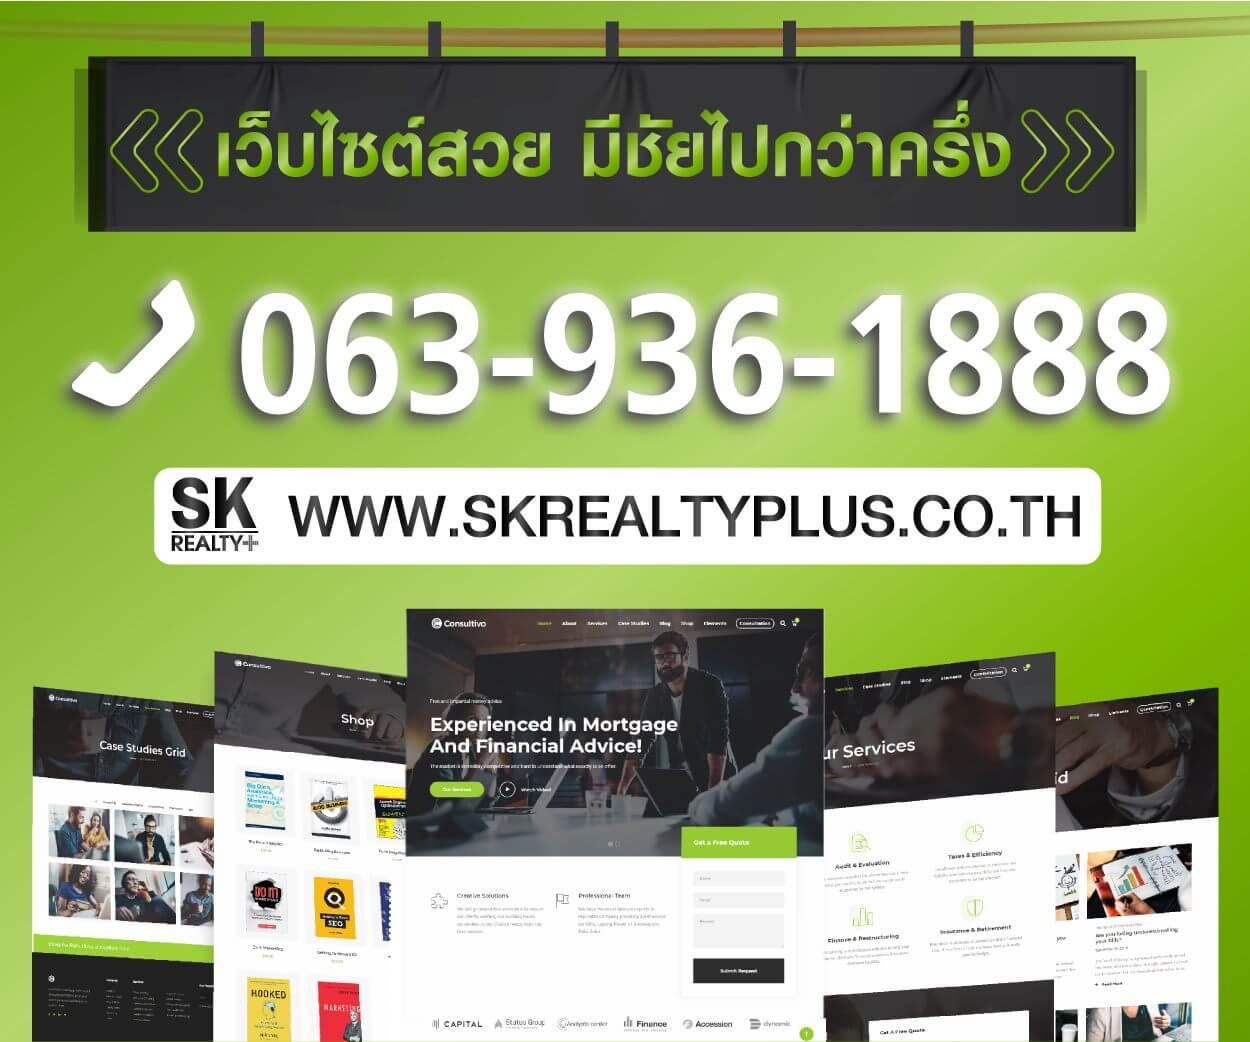 บริษัท รับผลิตสื่อ ออนไลน์ SK Realty+